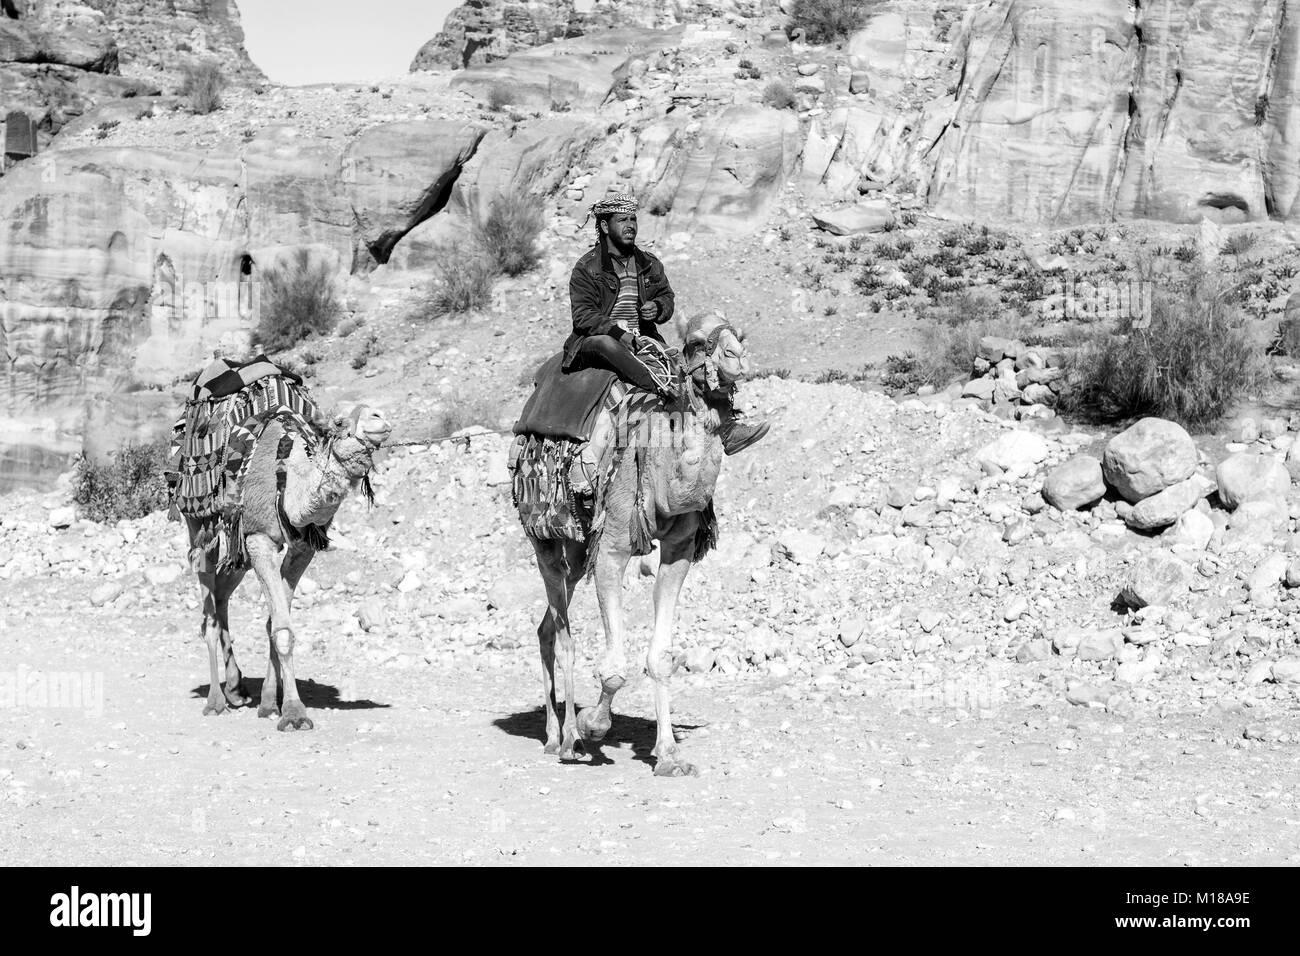 Petra, Jordan – December 25th, 2015: Bedouin man riding a camel in the ancient Nabatean city of Petra, Jordan Stock Photo